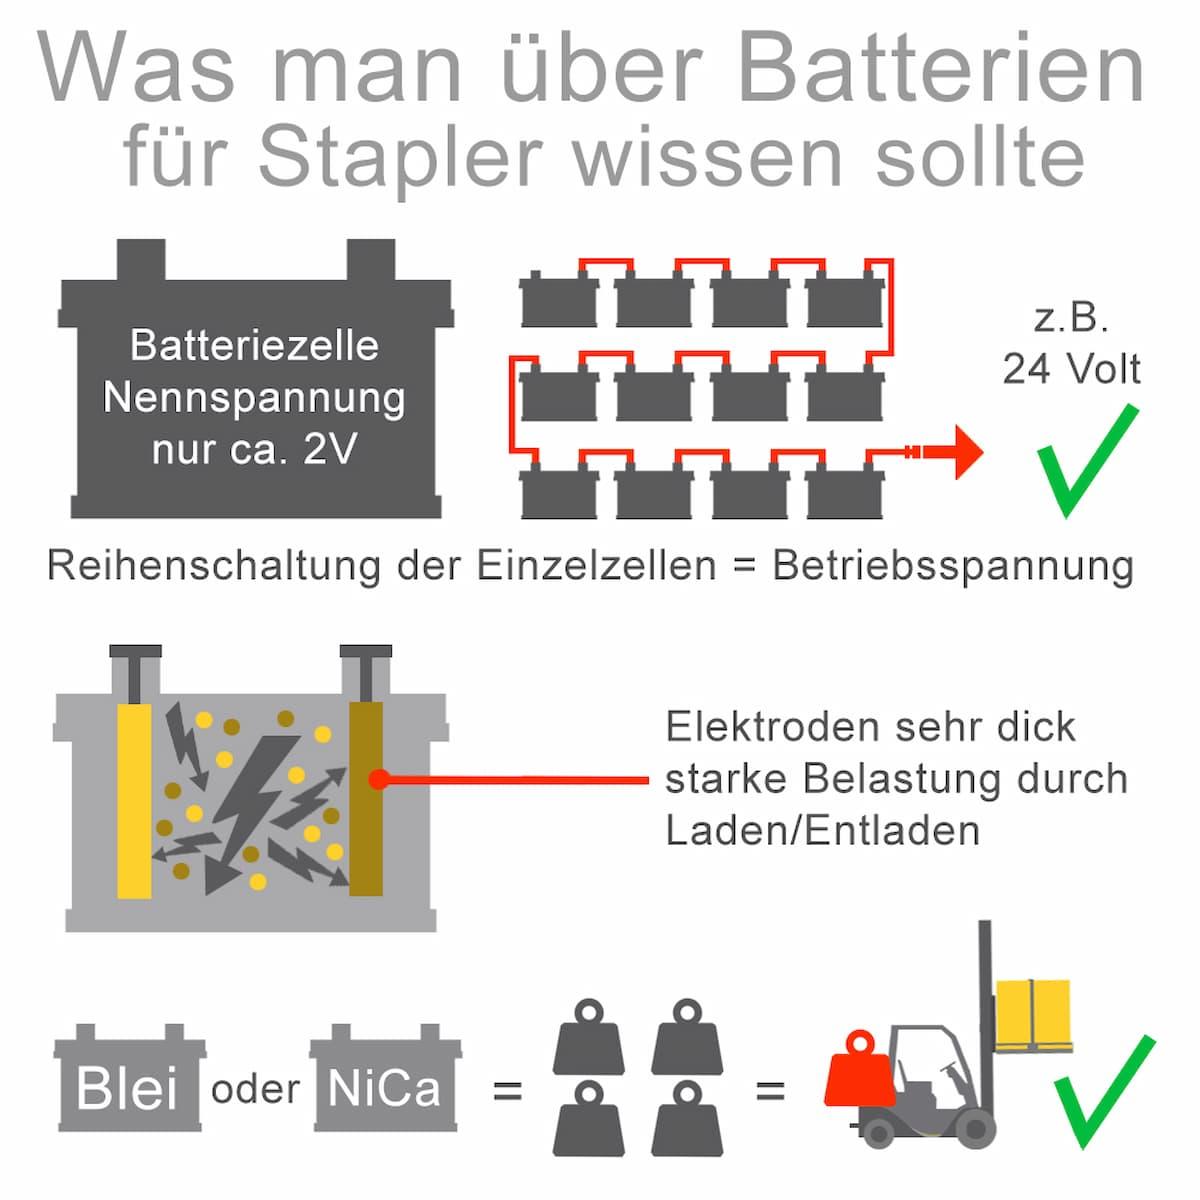 Was man über Batterien für Stapler wissen sollte